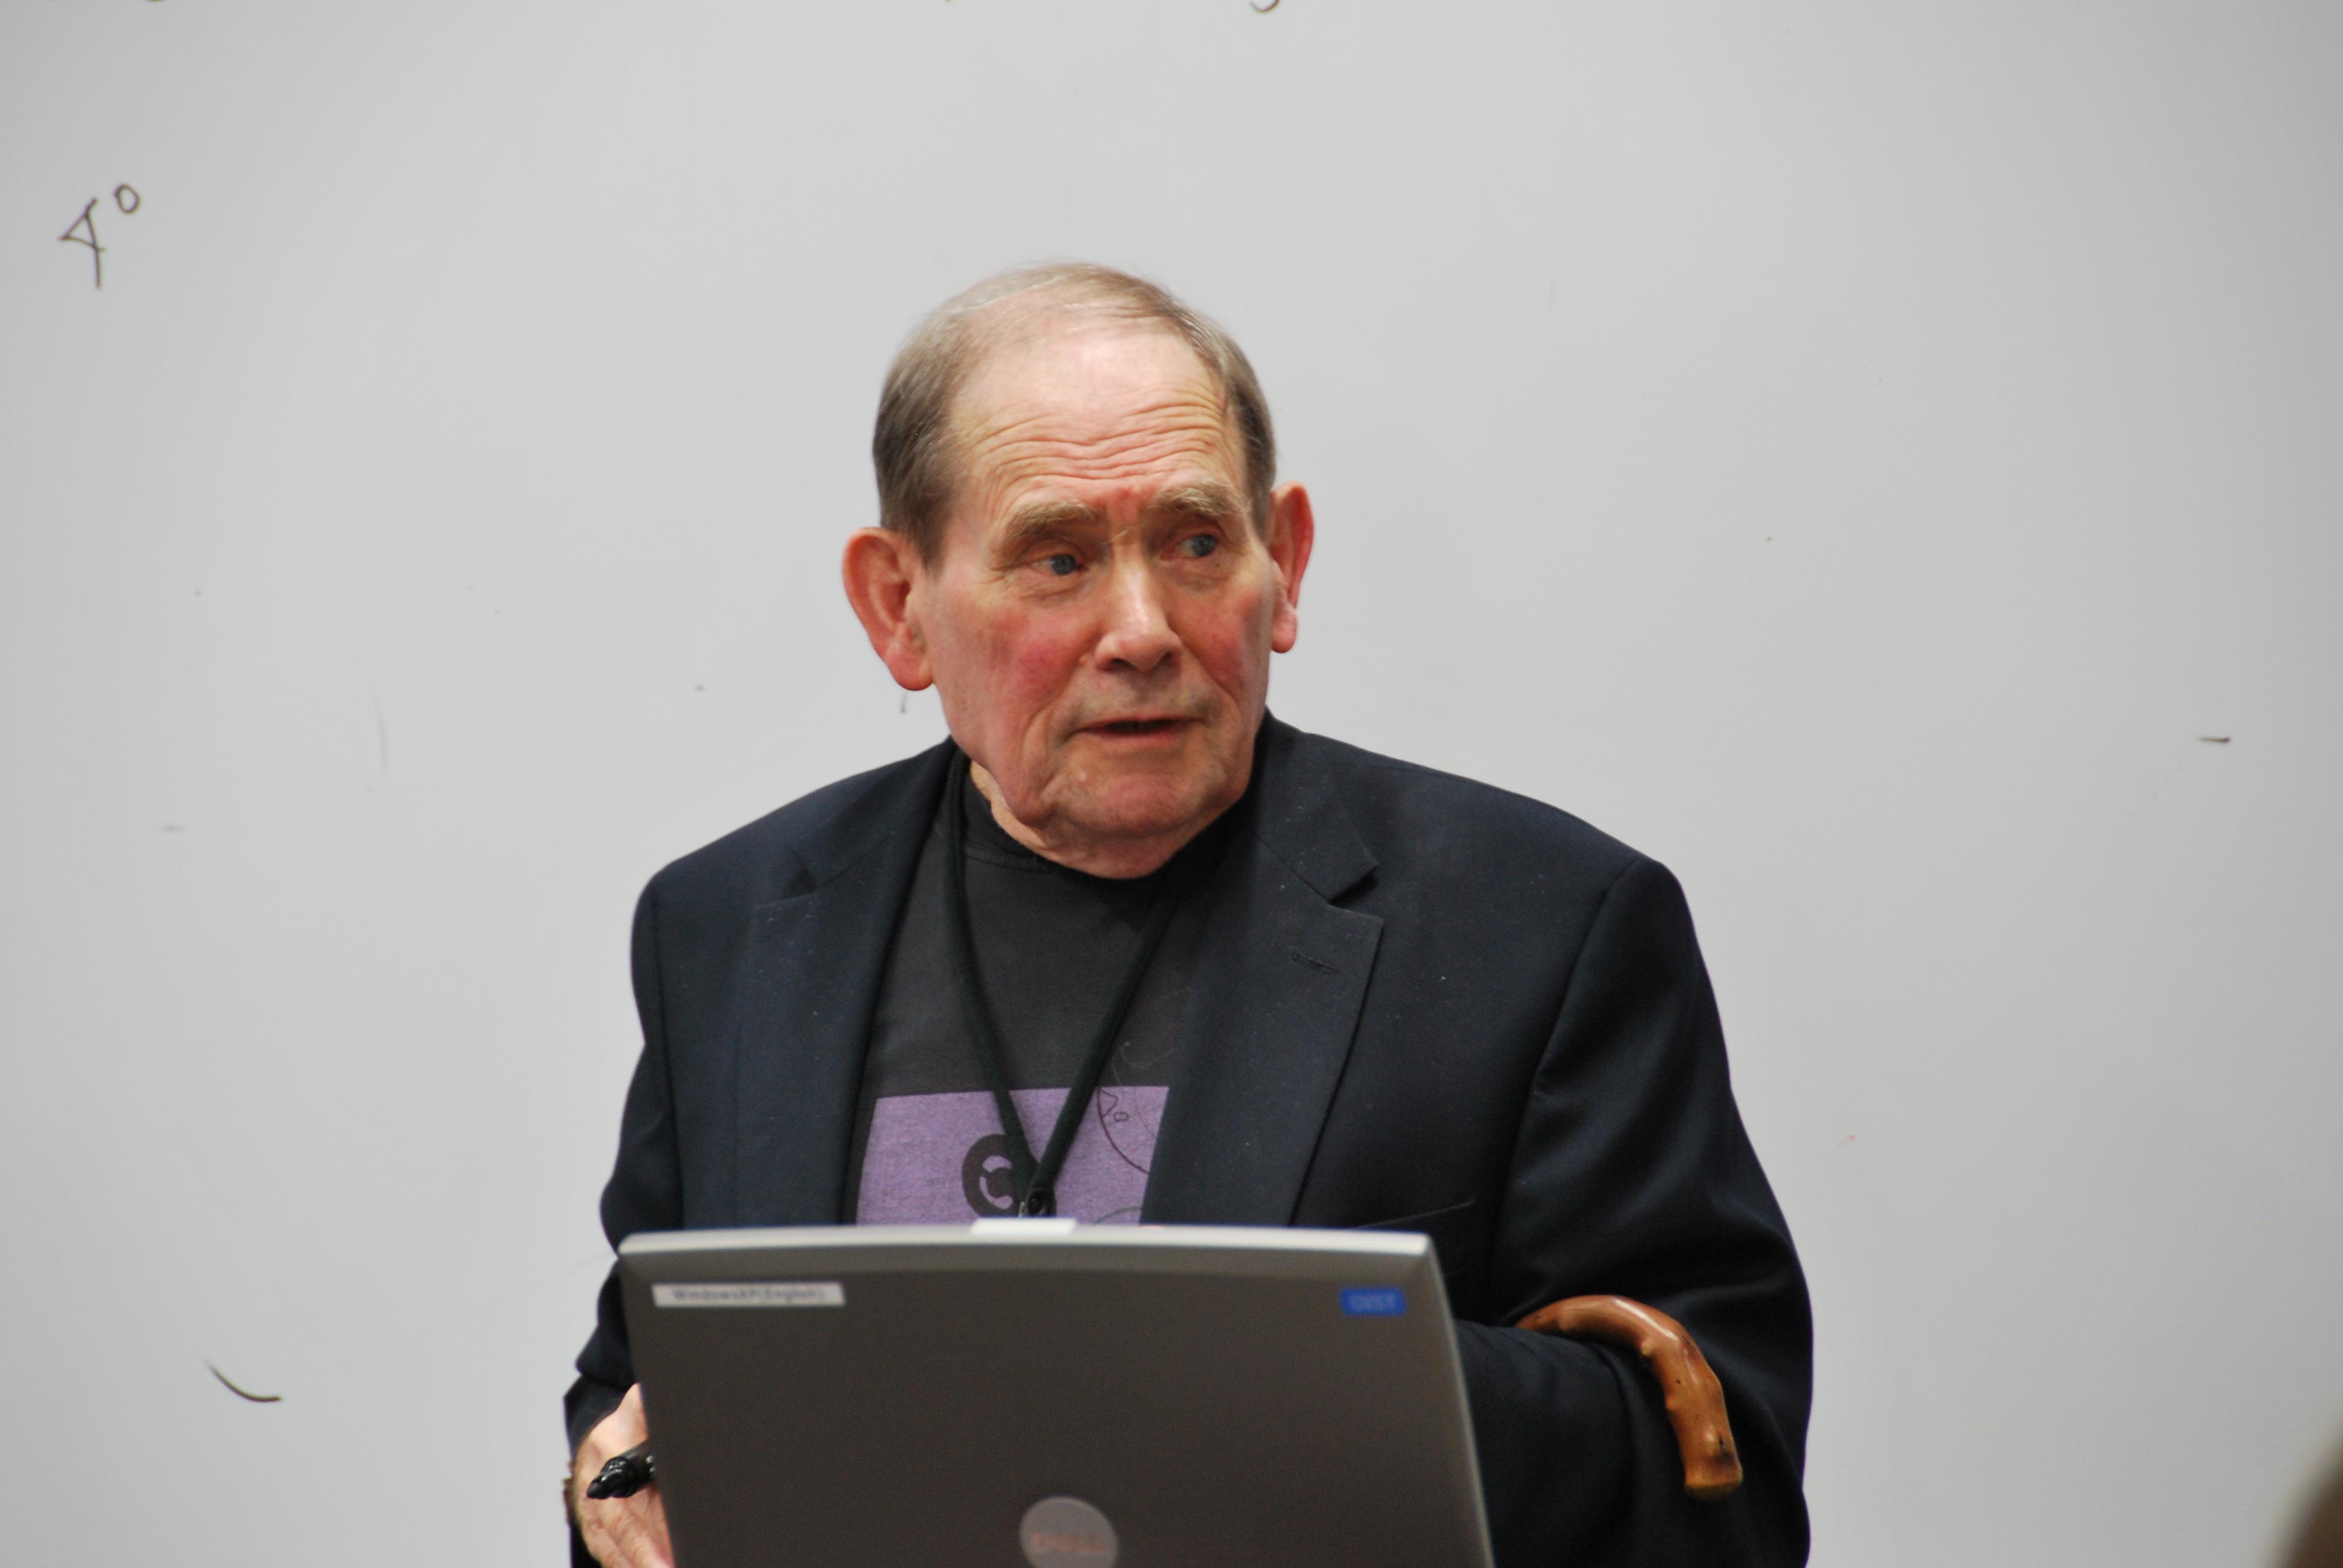 Tribute to C. elegans Nobel Prize : Sydney Brenner